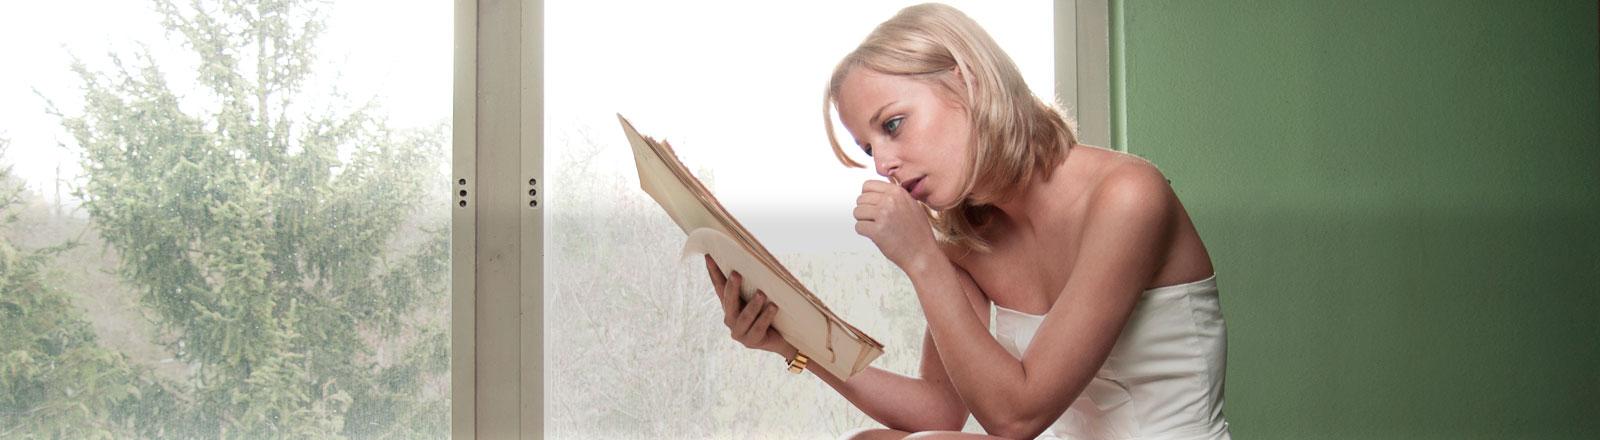 Eine Frau hockt vor einem Fenster und liest einen Stapel Papiere.